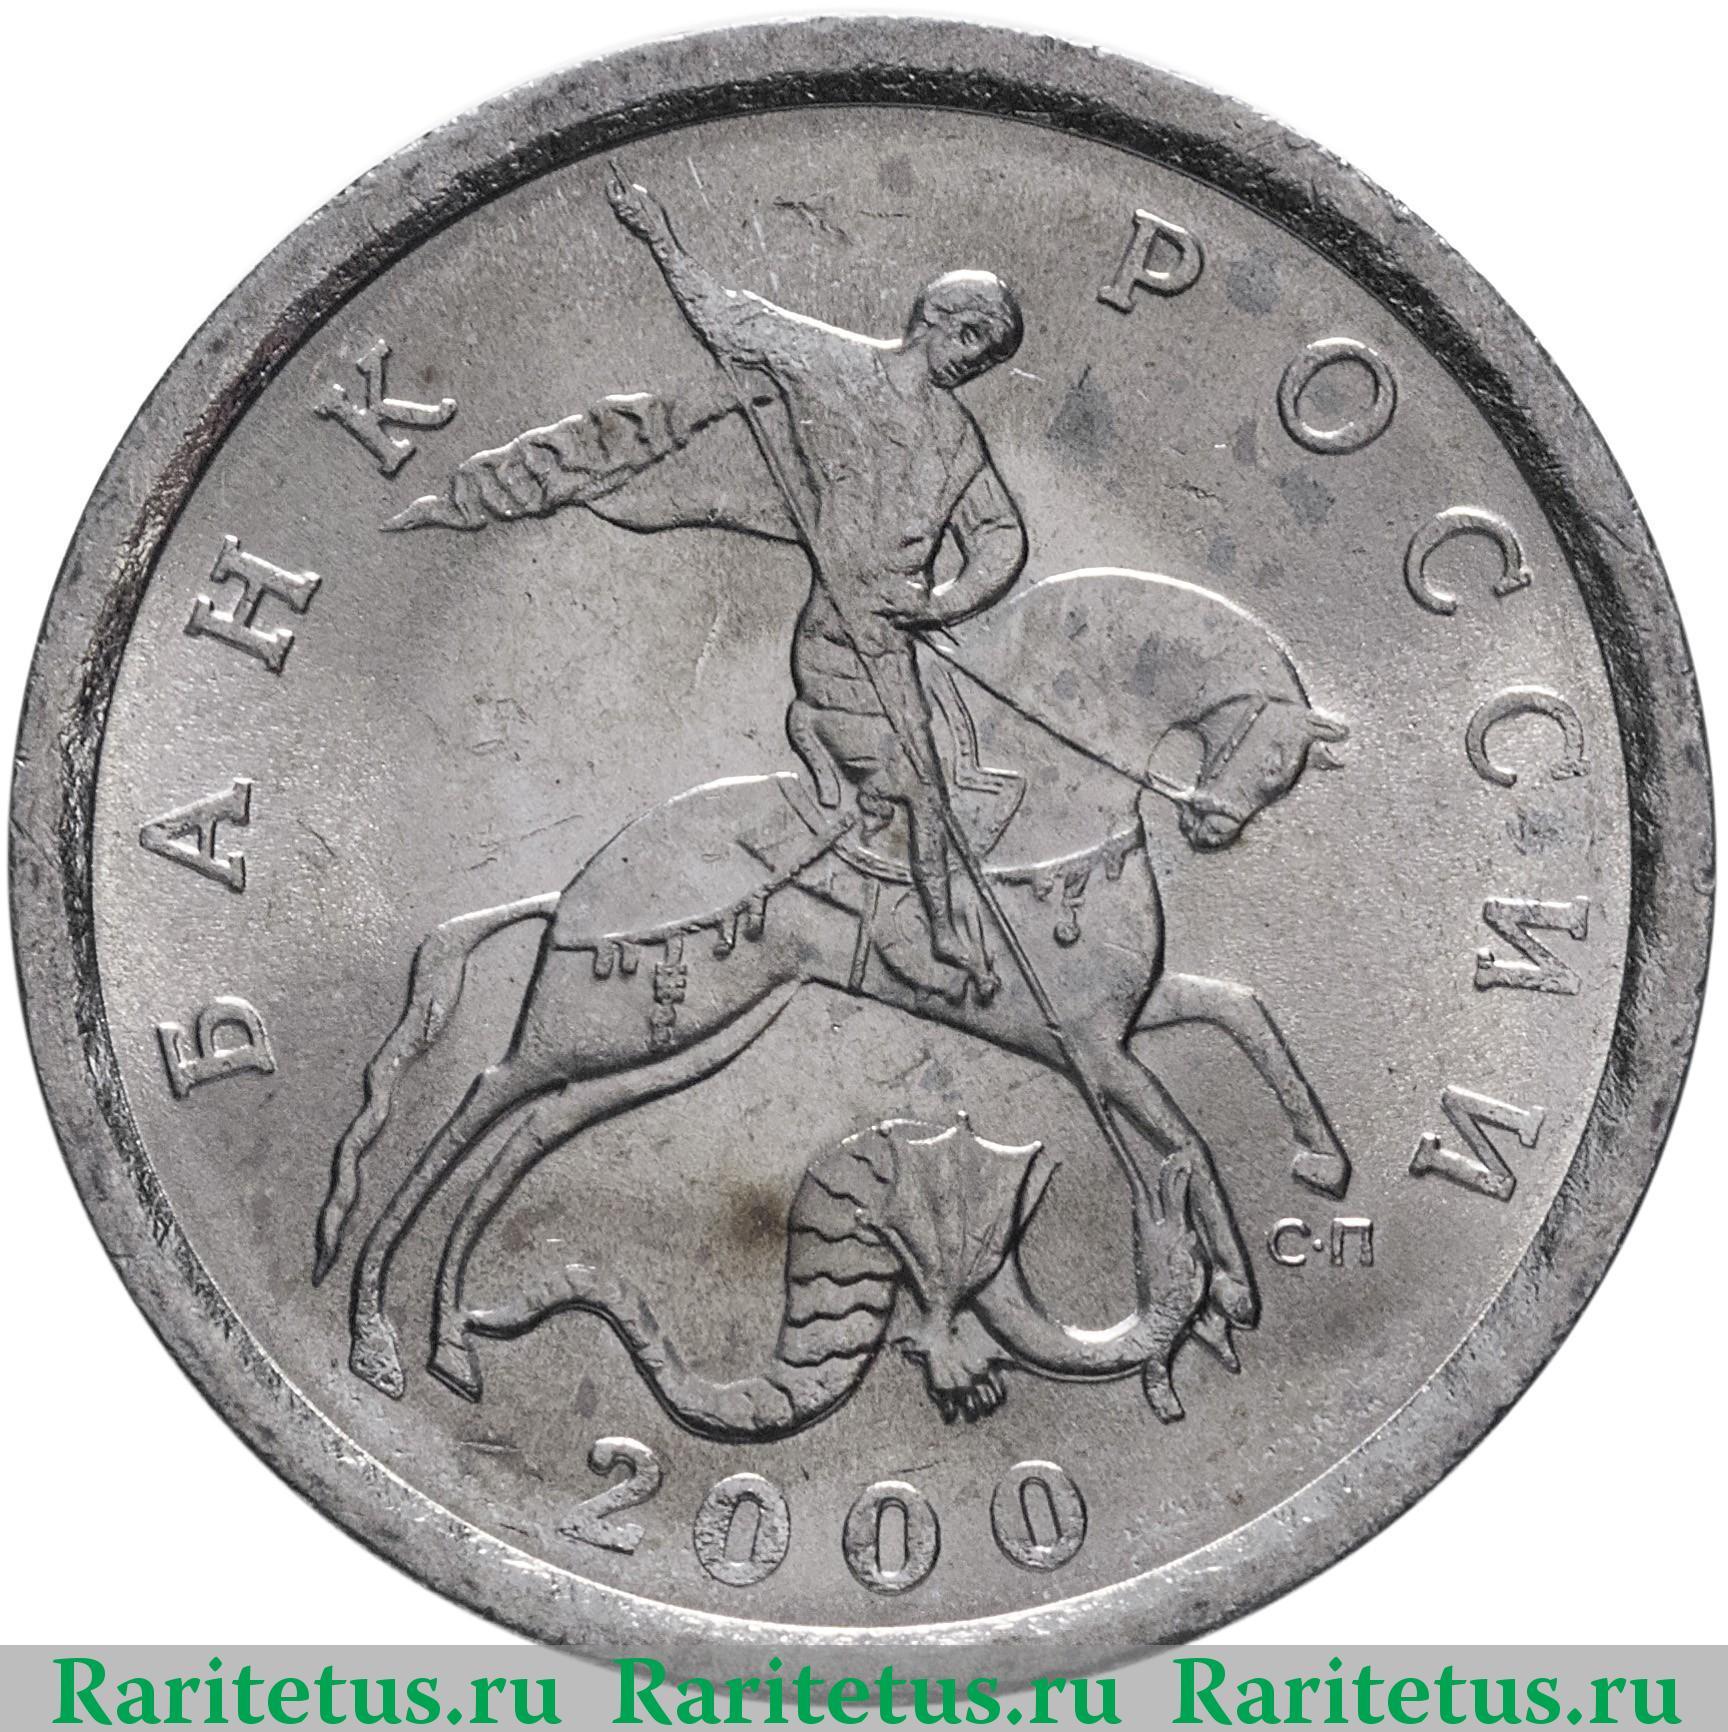 5 копеек 2000 ммд скупка монет в твери